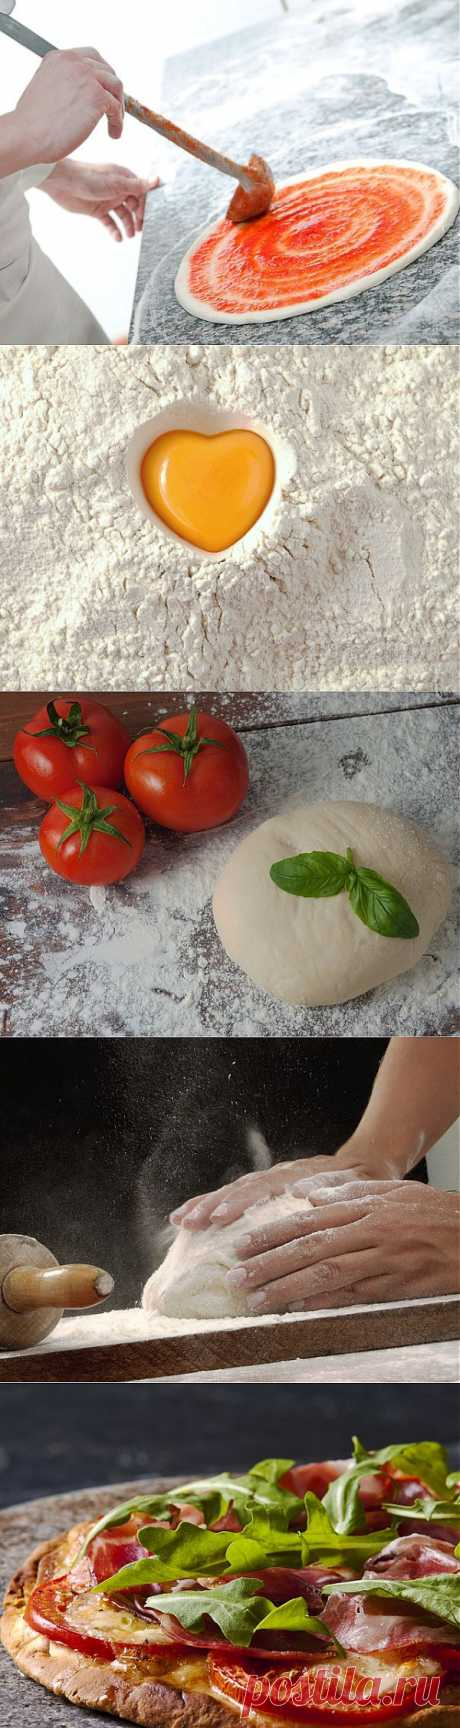 Тесто для пиццы: ТОП-5 рецептов (видео) - lady.tochka.net